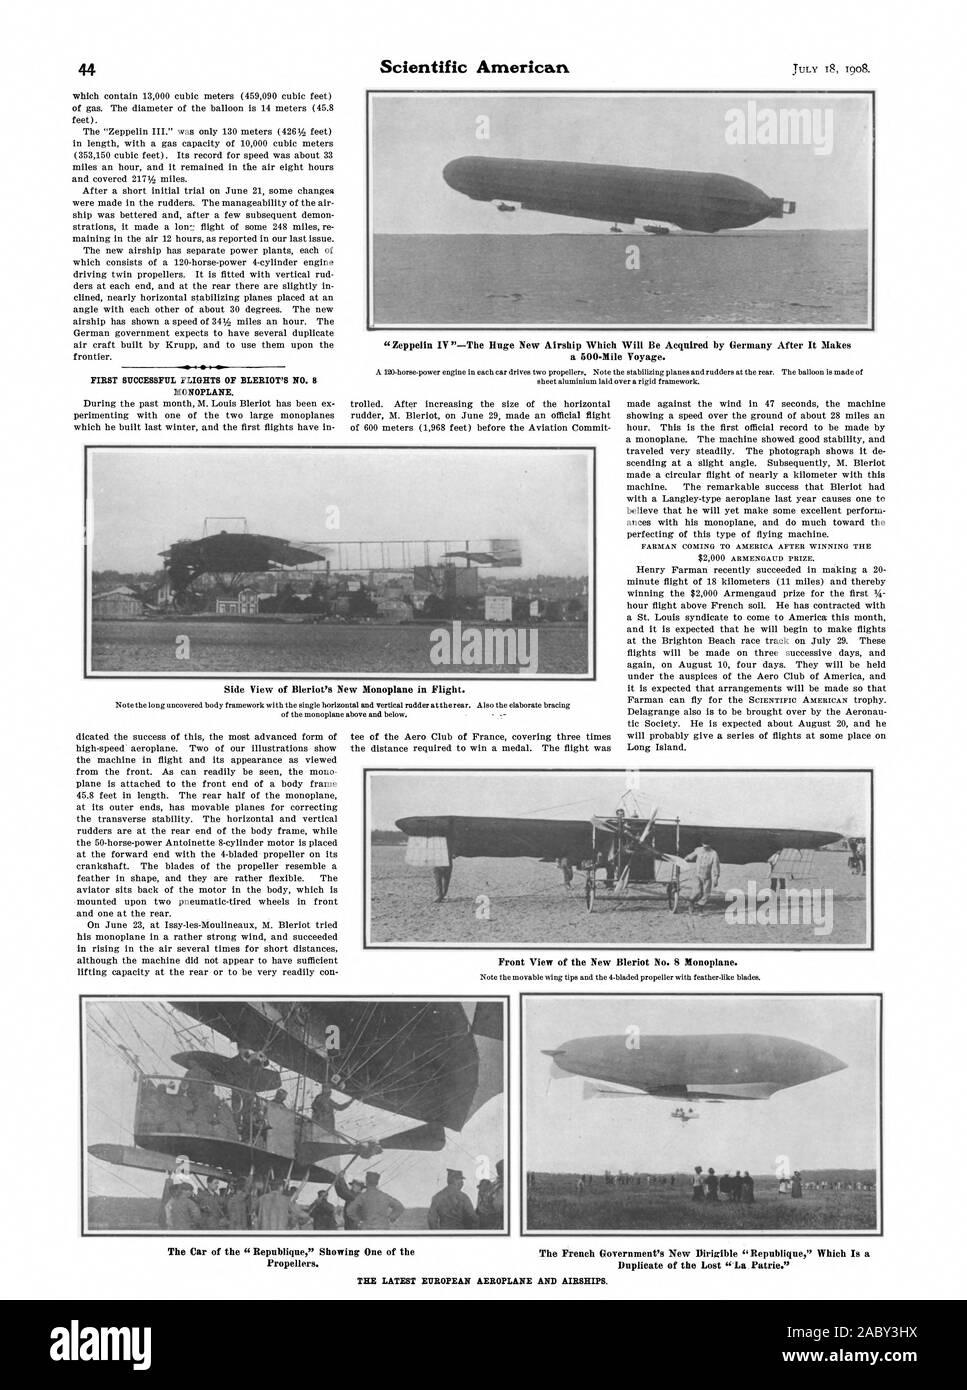 """Zeppelin IV '-el enorme dirigible nuevo que será adquirida por Alemania después de que hace un viaje de 500 millas. Exitoso primer VUELOS DE monoplano Bleriot nº 8. Vista frontal del nuevo monoplano Bleriot nº 8. Vista lateral de la nueva monoplano Bleriot en vuelo. El coche de la """"Republique"""" mostrando una de las del Gobierno francés de Nuevo dirigible """"Republique"""" que es un hélices. Duplicado de la pérdida de """"La Patrie."""" El último avión europeo y los dirigibles, Scientific American, 1908-07-18 Foto de stock"""